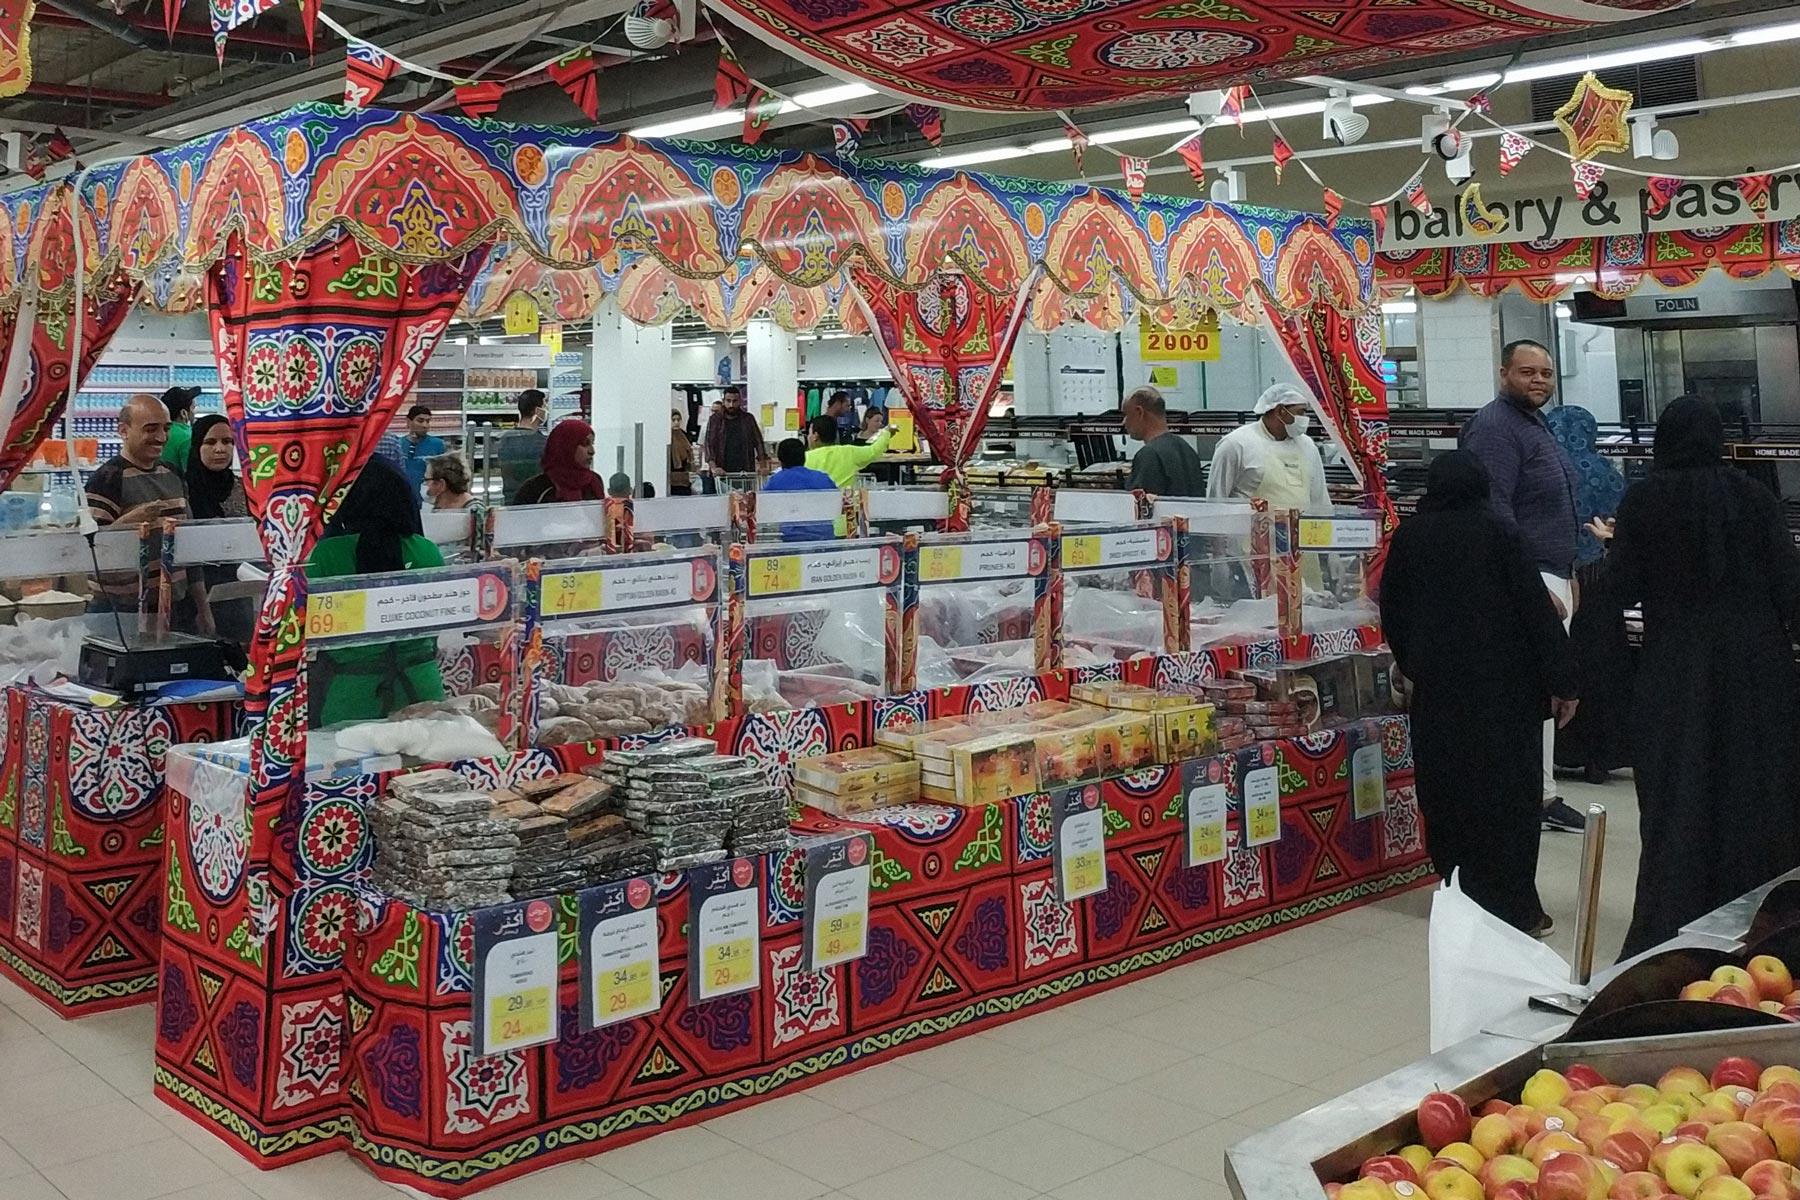 Украшенные к Рамадану прилавки с праздничными продуктами в местном супермаркете. Фото: Татьяна Иванова